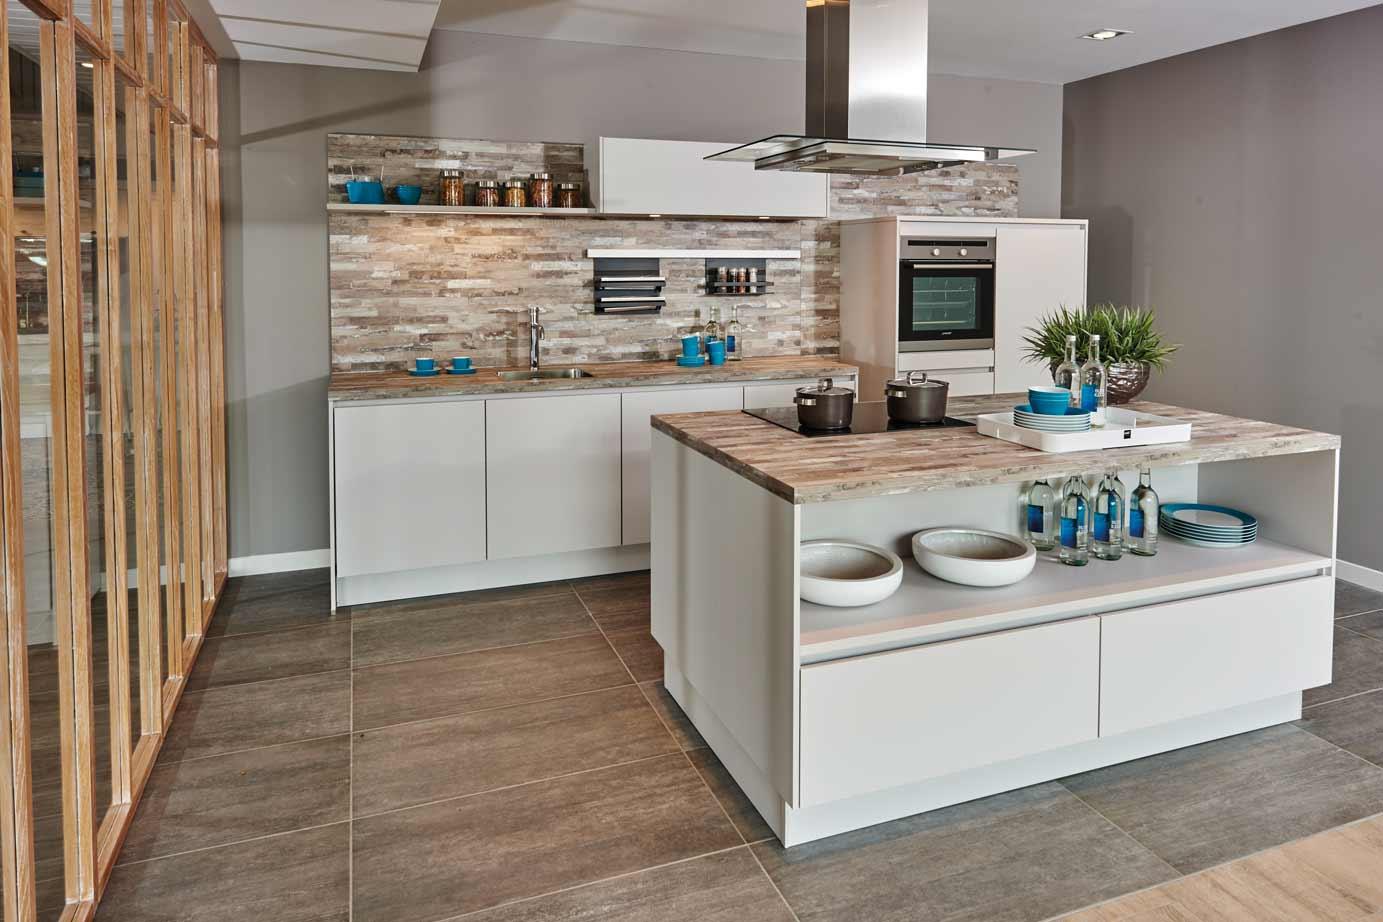 Keukeneiland Verlichting : Keukeneiland Maken : Zwarte keuken met design LED verlichting onder